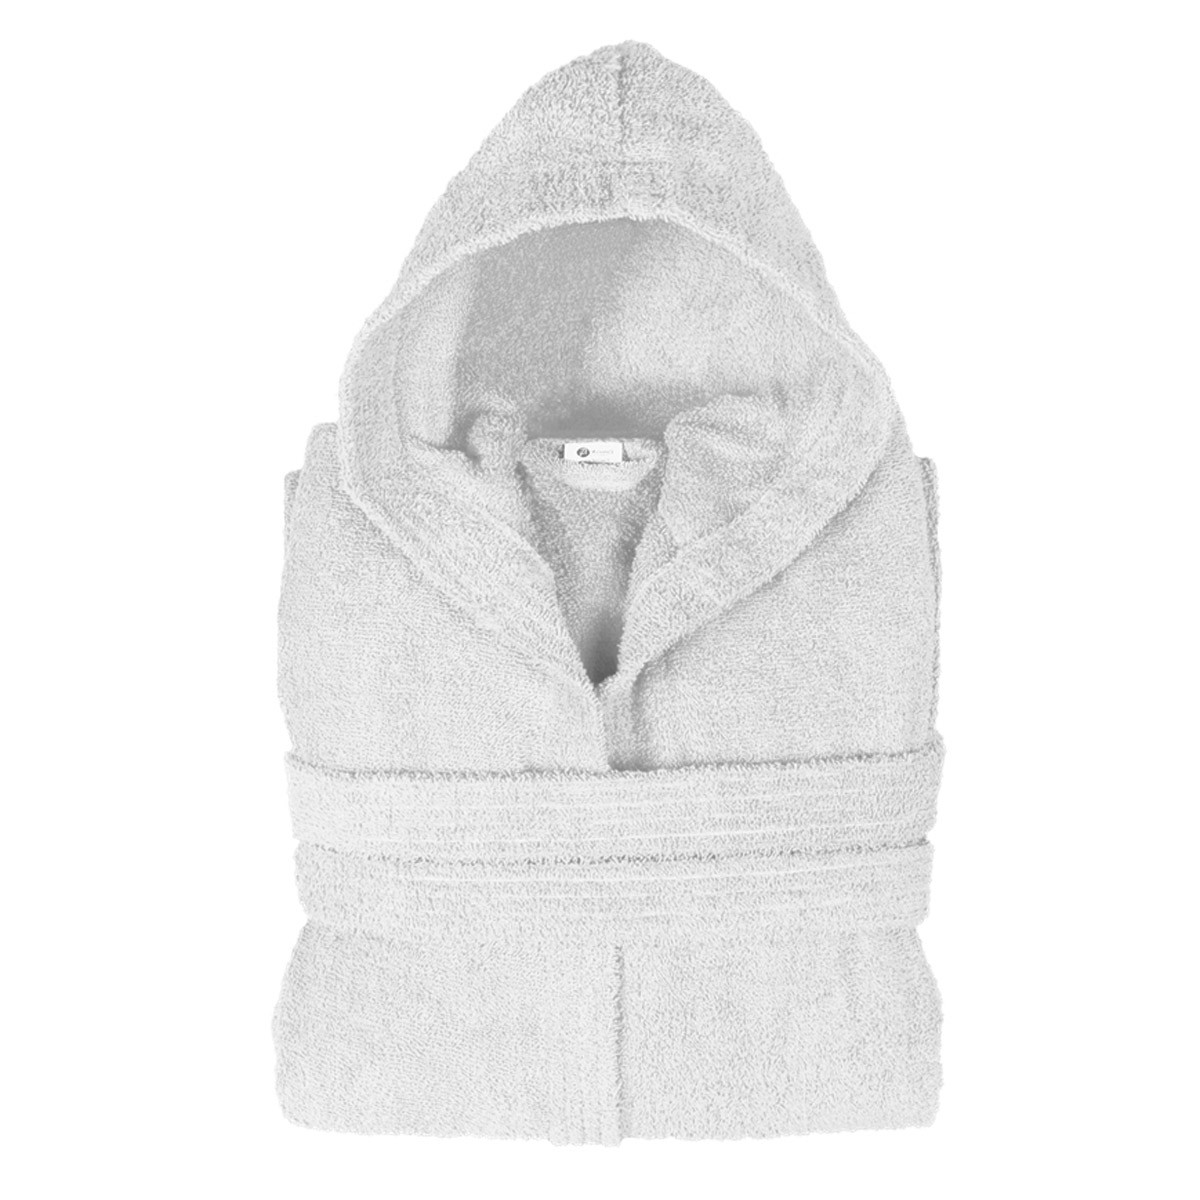 Μπουρνούζι Με Κουκούλα Fennel Comfort Λευκό SMALL SMALL